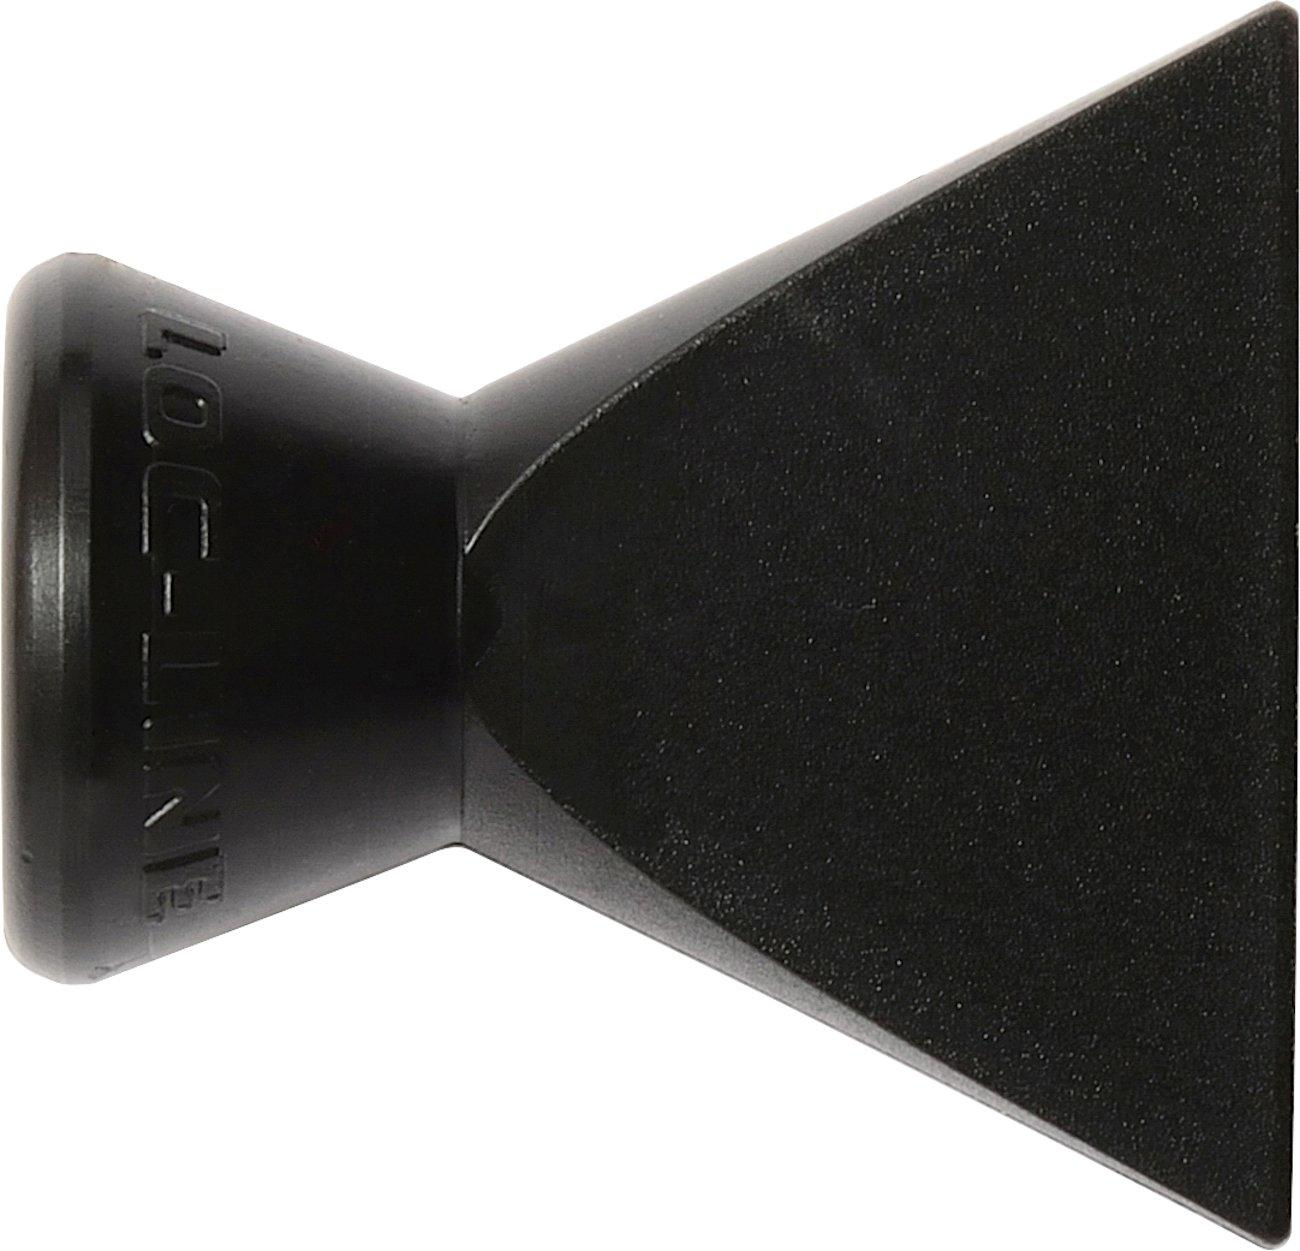 Loc-Line Coolant Hose Component 1//4 Diameter Pack of 20 Side Flow Nozzle Black Acetal Copolymer 1//4 Hose ID